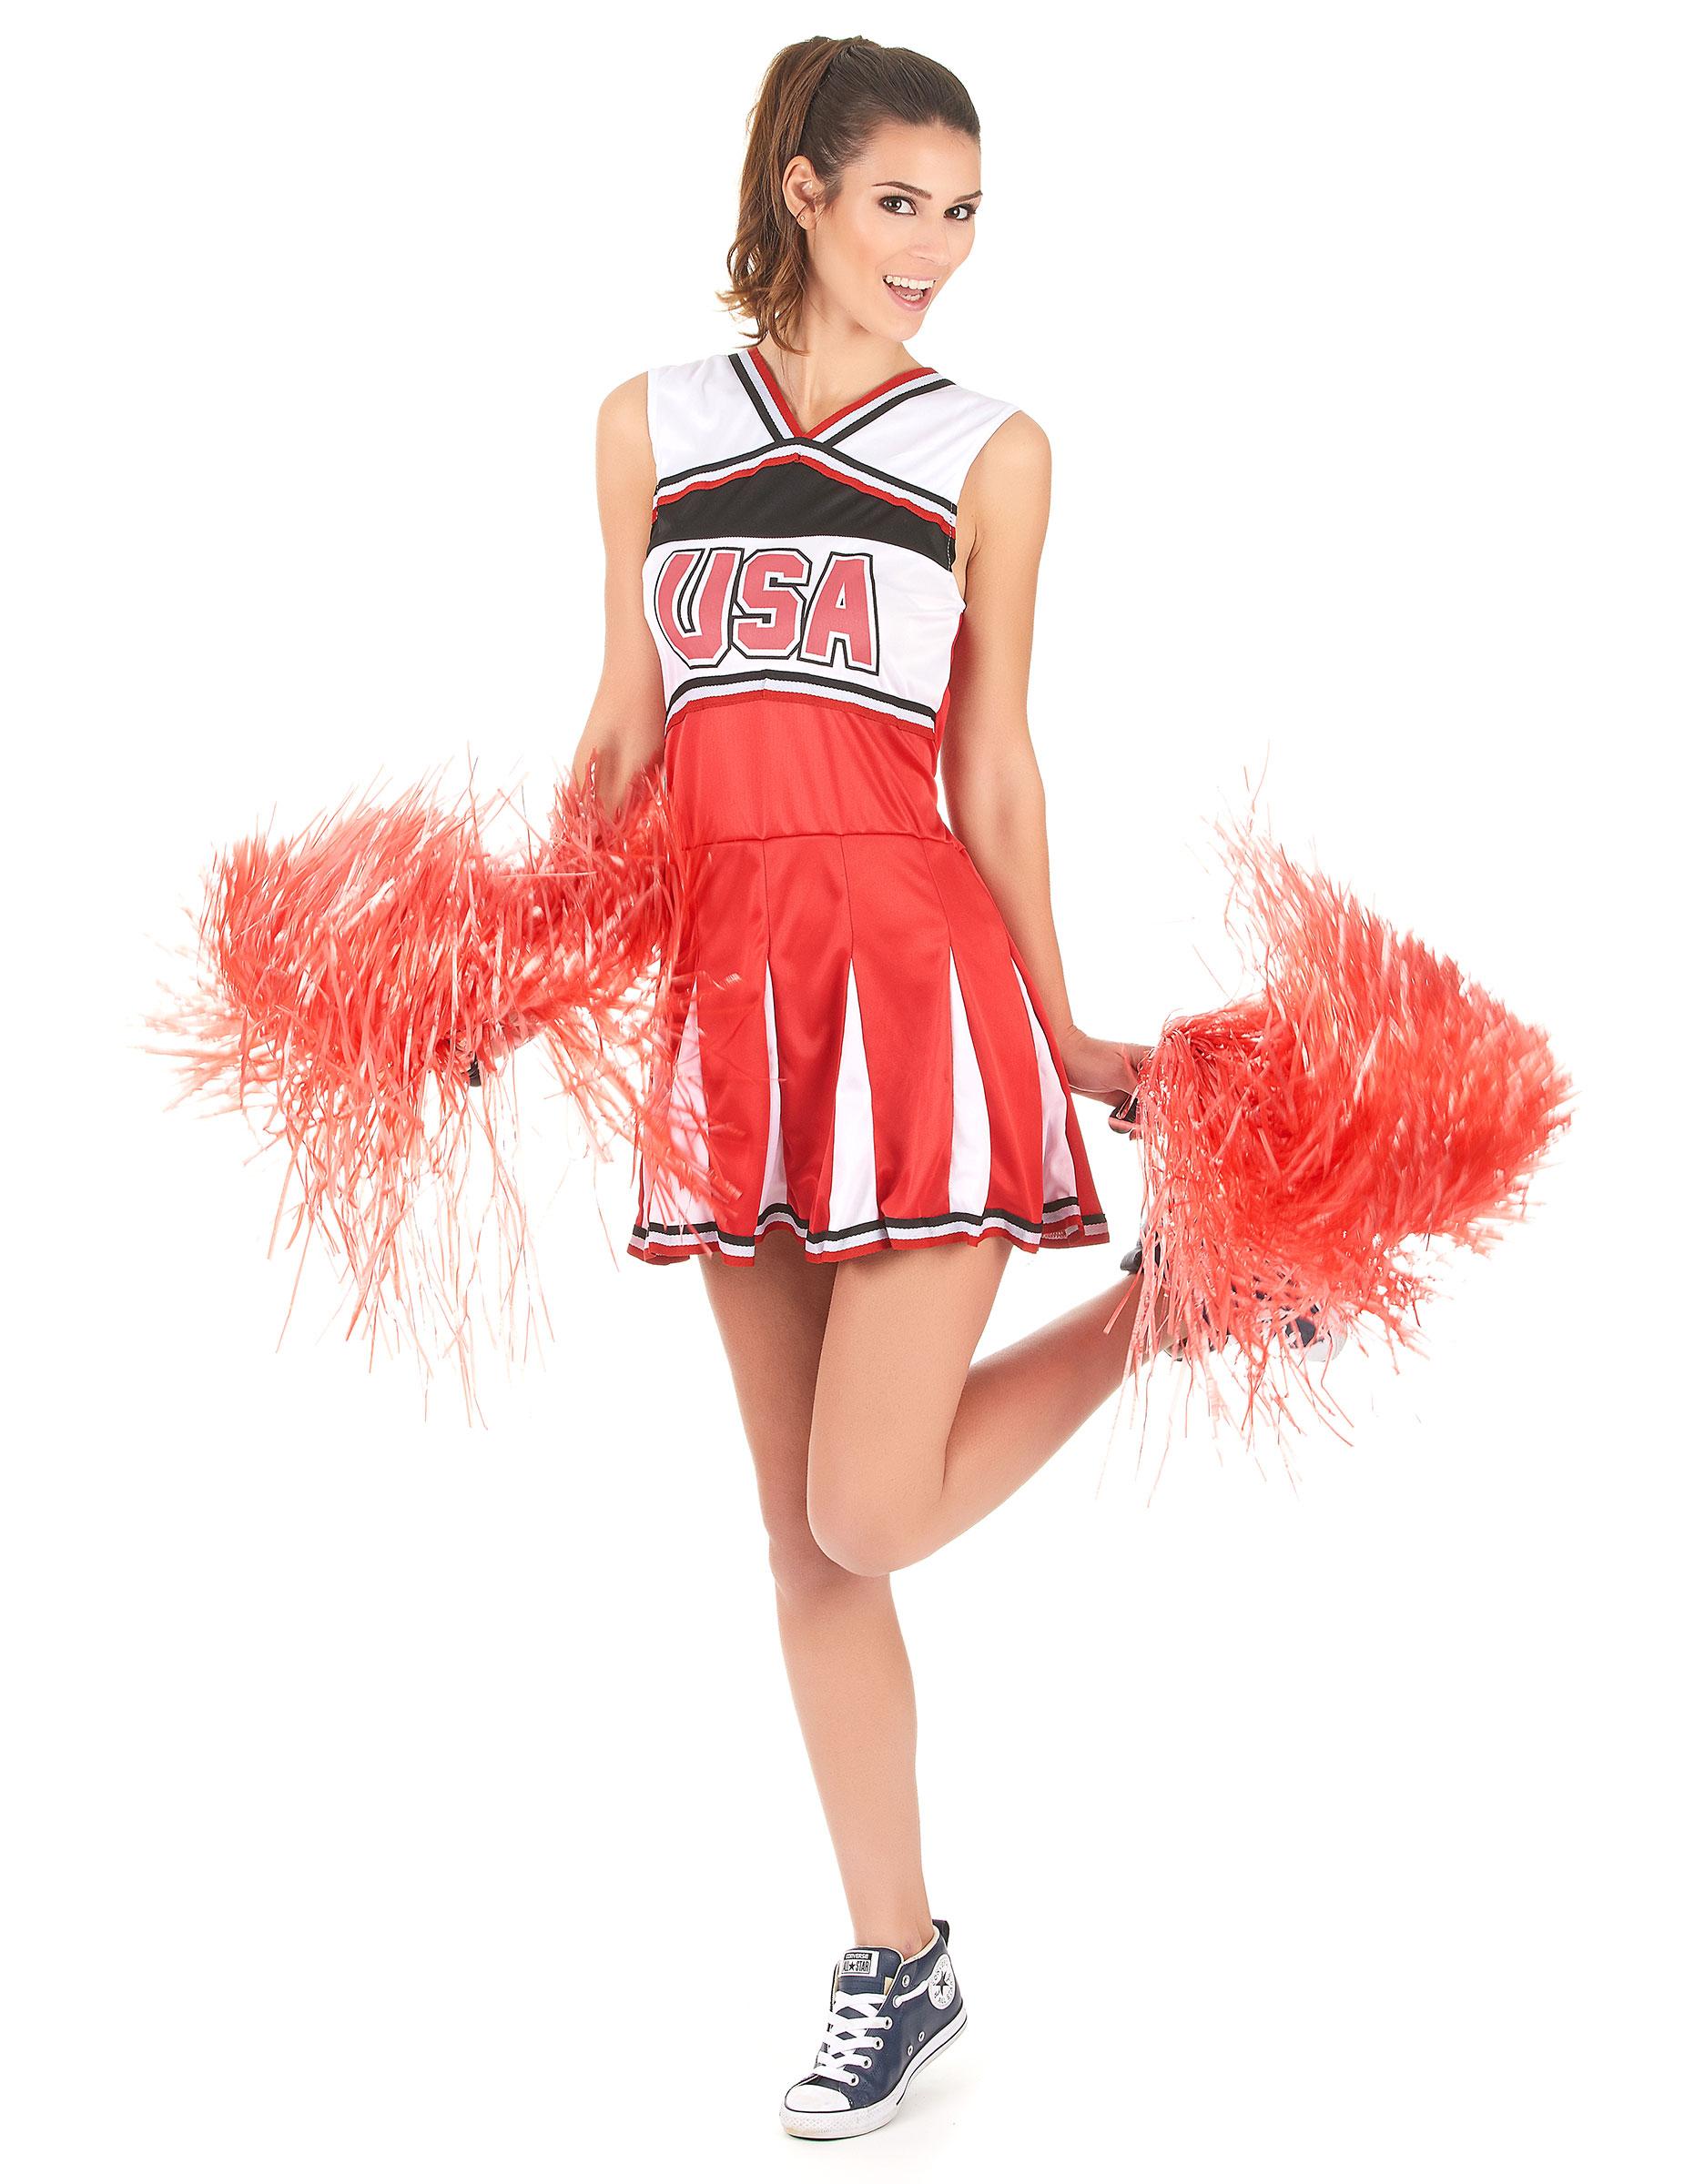 Cheerleader Kostüm USA für Damen - L 160450